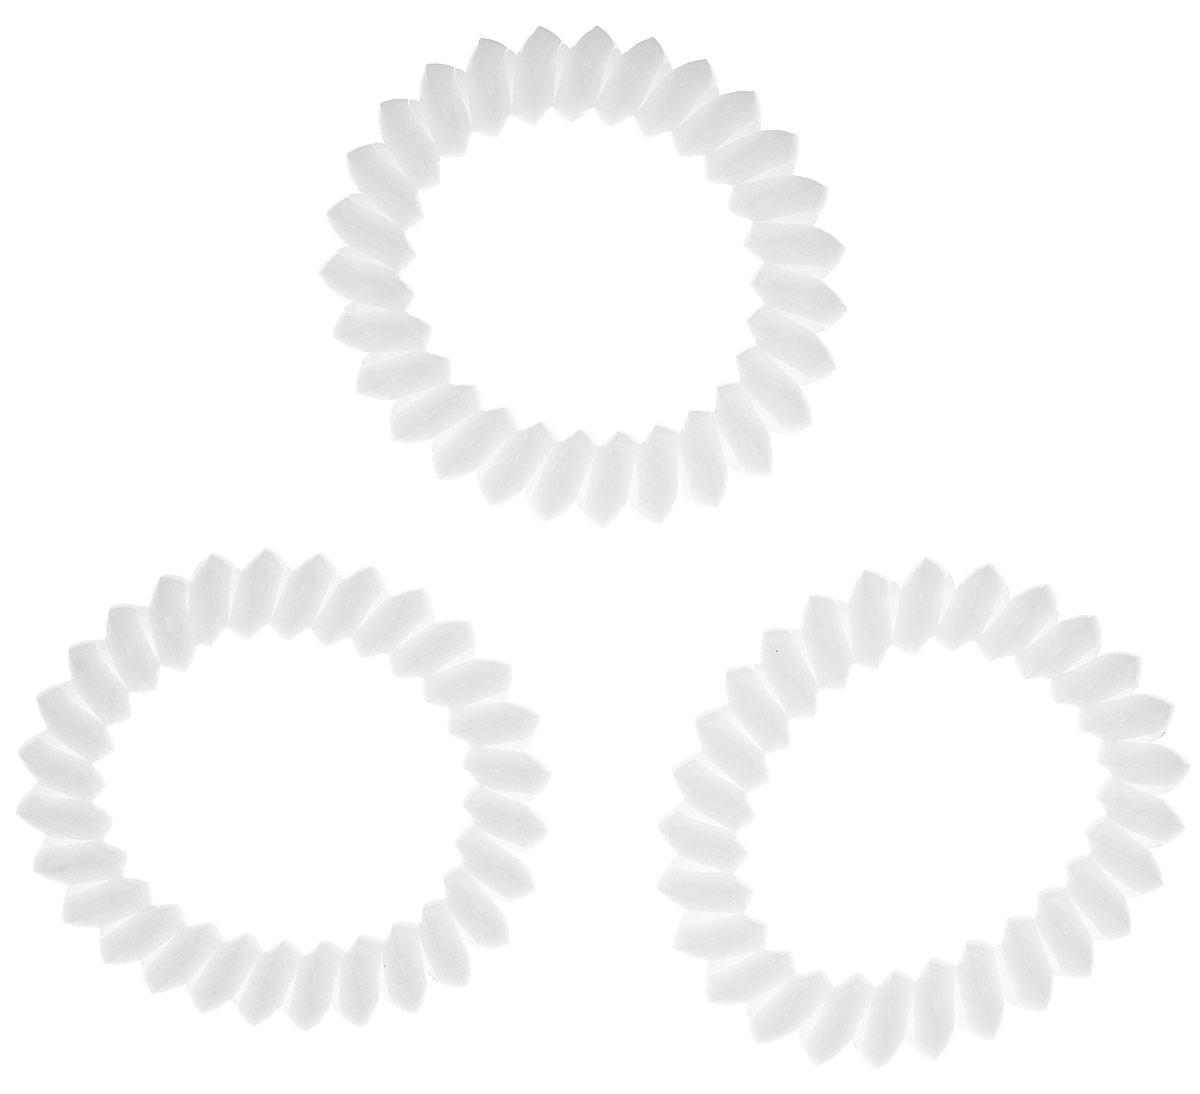 Резинка для волос Mitya Veselkov Cloudy White, цвет: белый, 3 шт. ELASTIC-BR-WHITEELASTIC-BR-WHITEЯркие резинки-браслеты Mitya Veselkov выполнены из качественного ПВХ. Столь необычная форма резинок дает множество преимуществ. Резинка не оставляет заломов на волосах. При длительном ношении, снимая ее, вы не почувствуете усталость волос. Оригинально смотрится на волосах. Отлично сохраняет свою форму и надежно фиксирует прическу. Не мокнет. Не травмирует волосы. В отличие от обычных резинок, нет трения, зажимов отдельных волосков или прядей. Также их можно использовать как стильные браслеты.